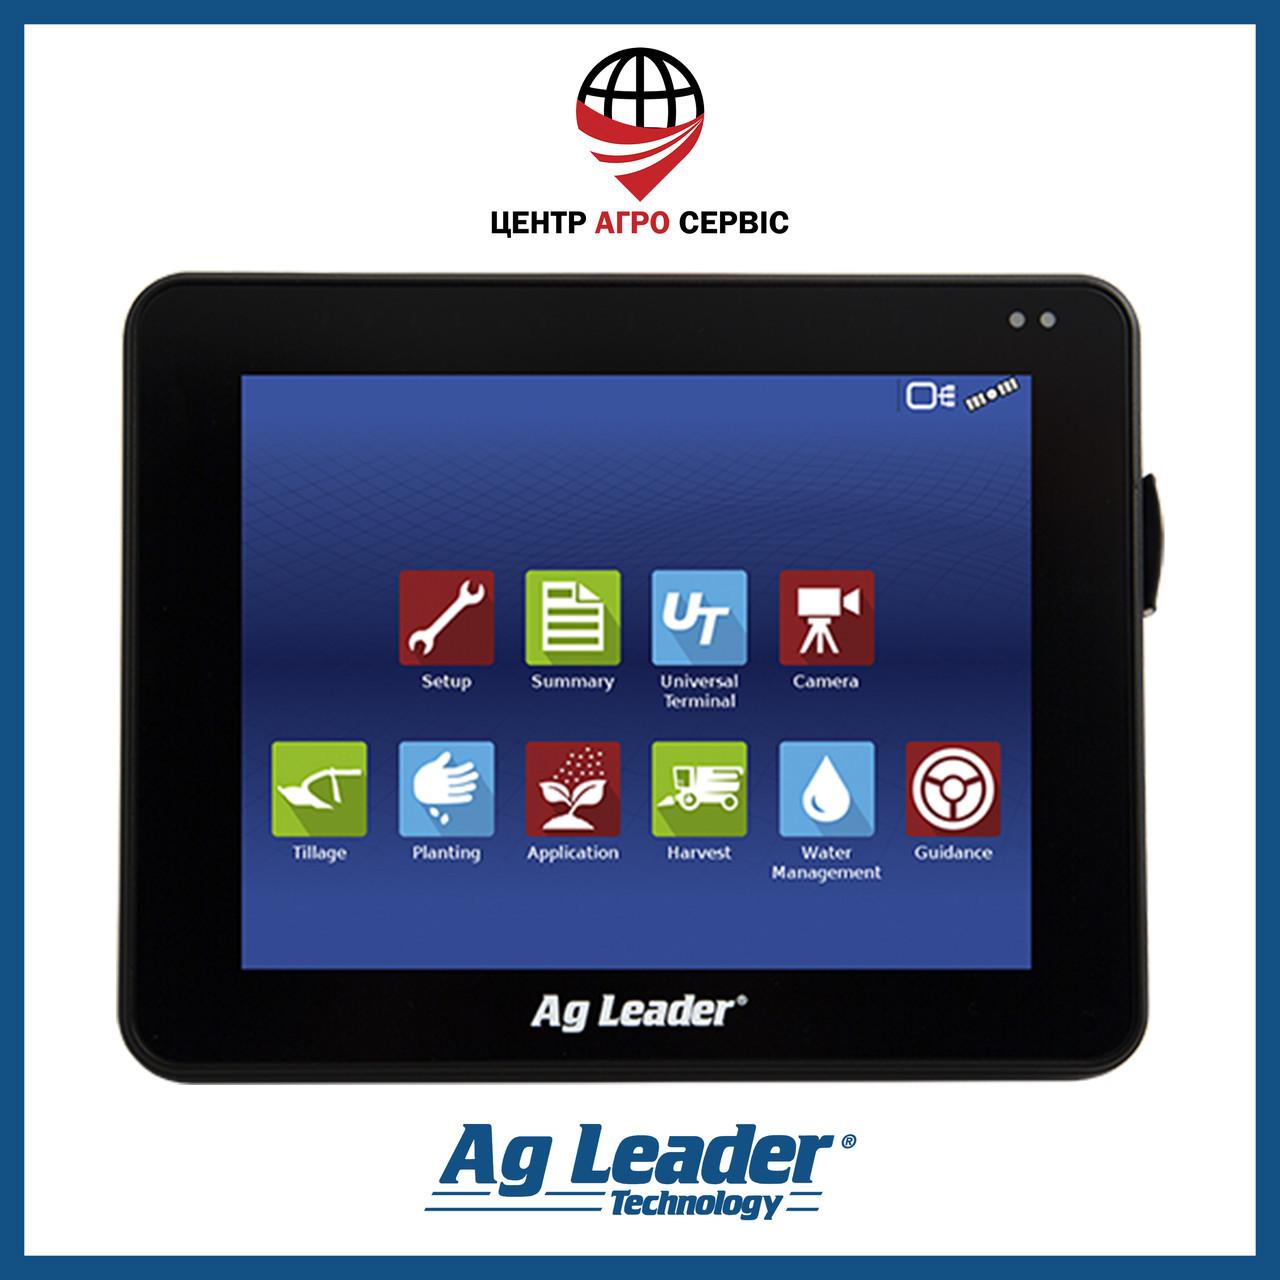 Курсовказівник (система паралельного водіння, агронавігатор) Ag Leader InCommand 800